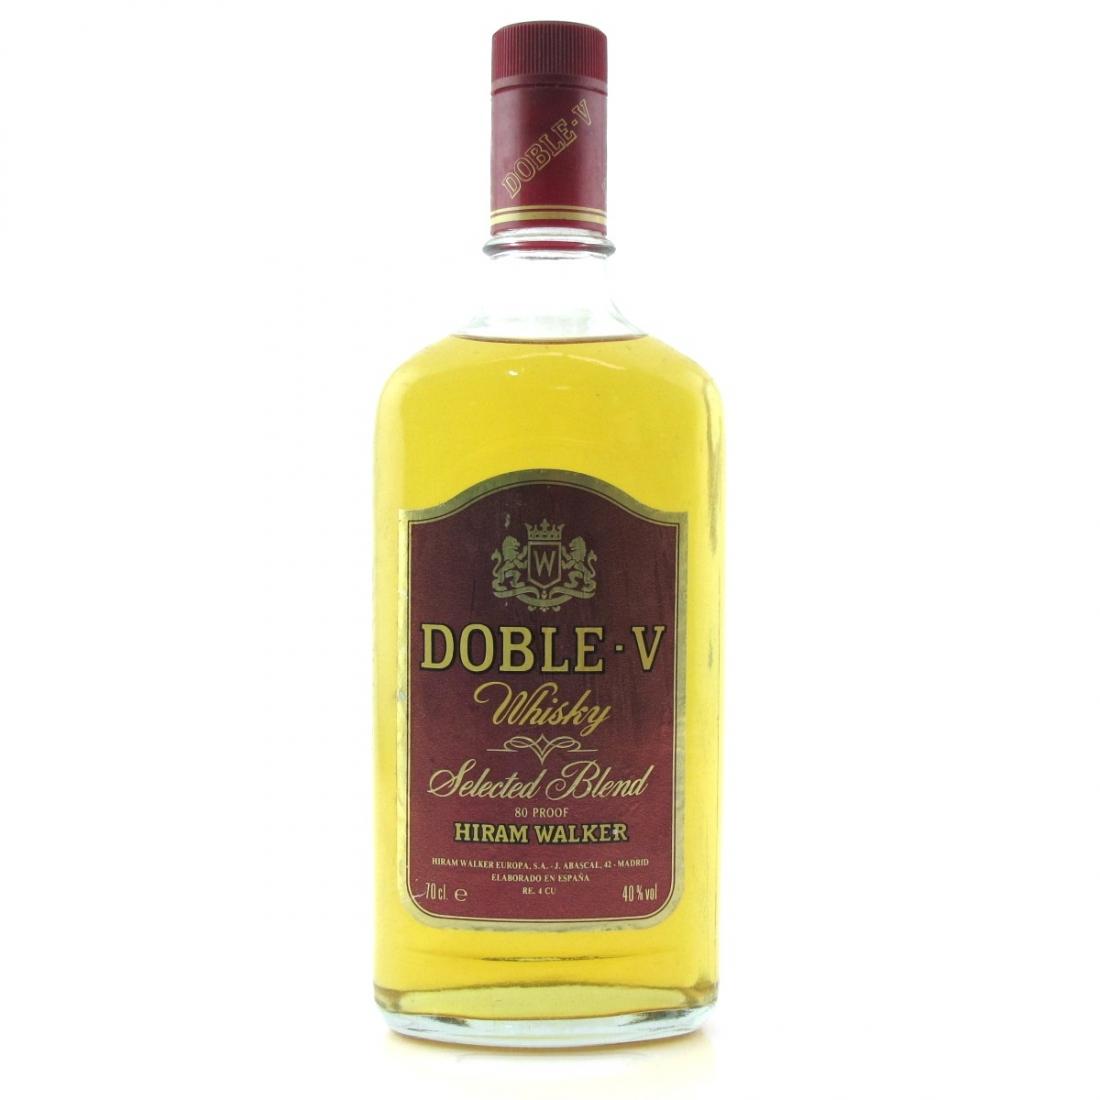 Hiram Walker Doble V Blended Whisky